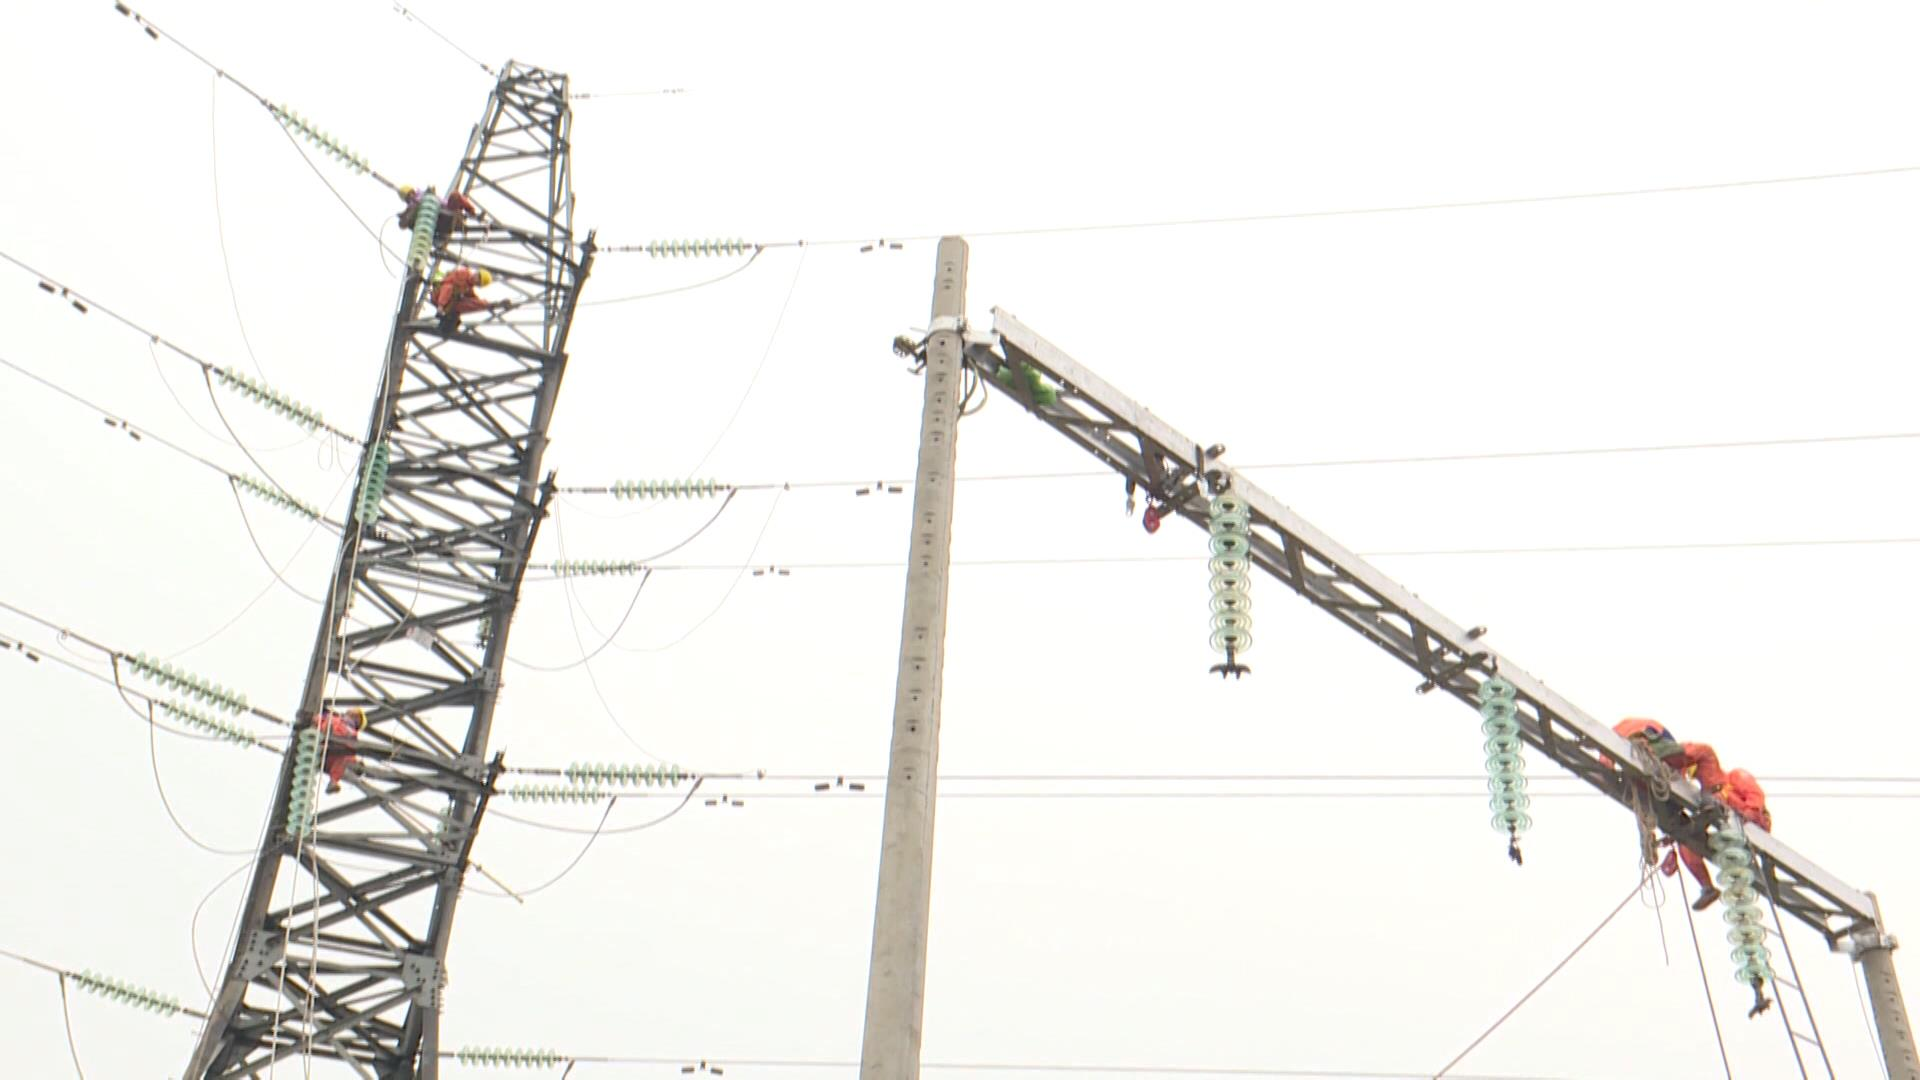 Sản lượng điện thương phẩm quý II tăng 3,6% so với cùng kỳ